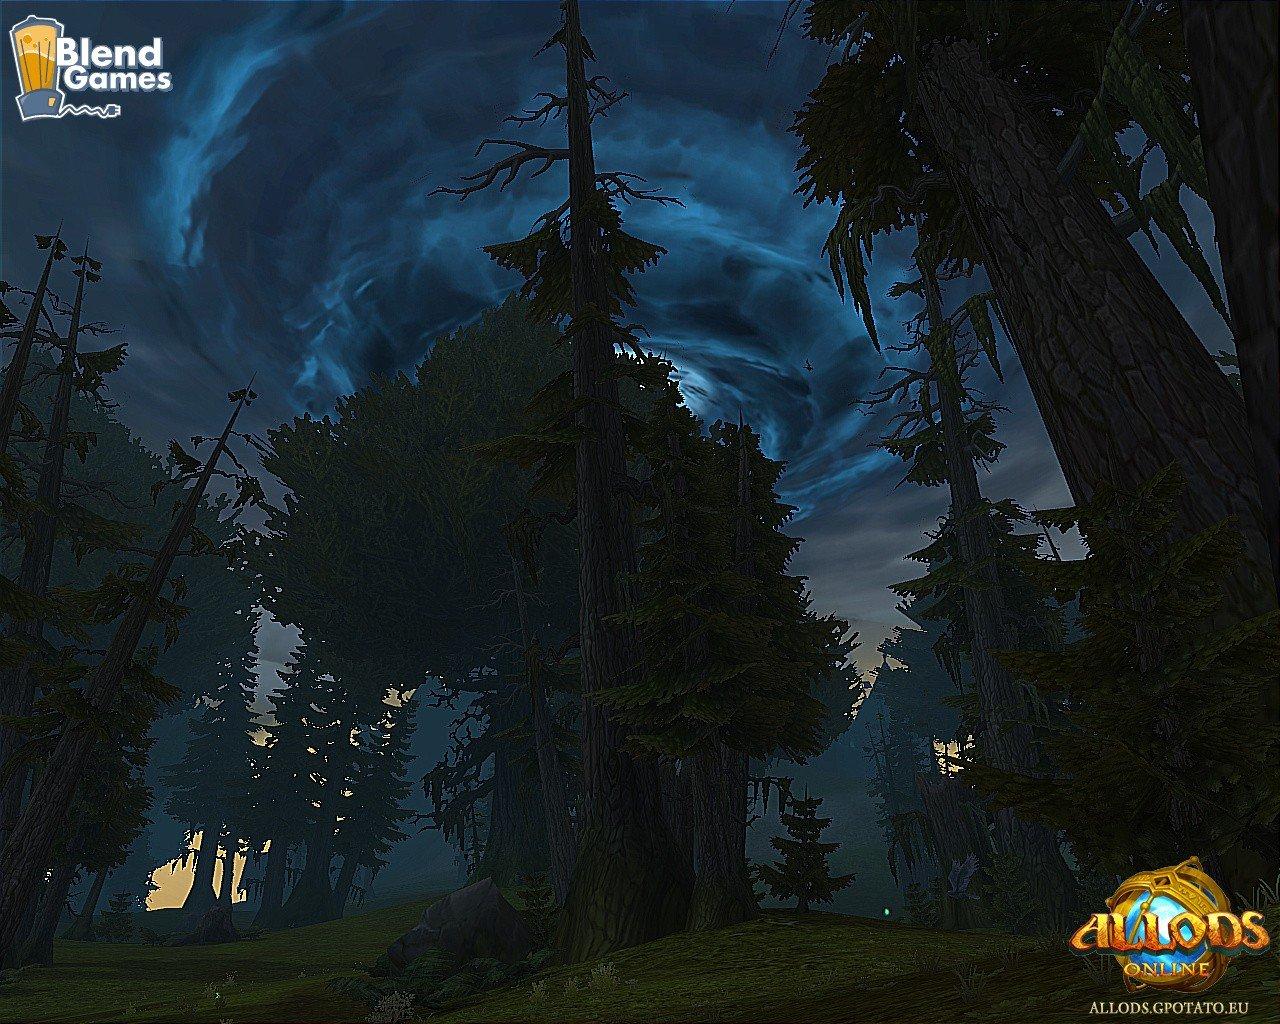 Allods Online Final Closed-Beta Screenshots #11486